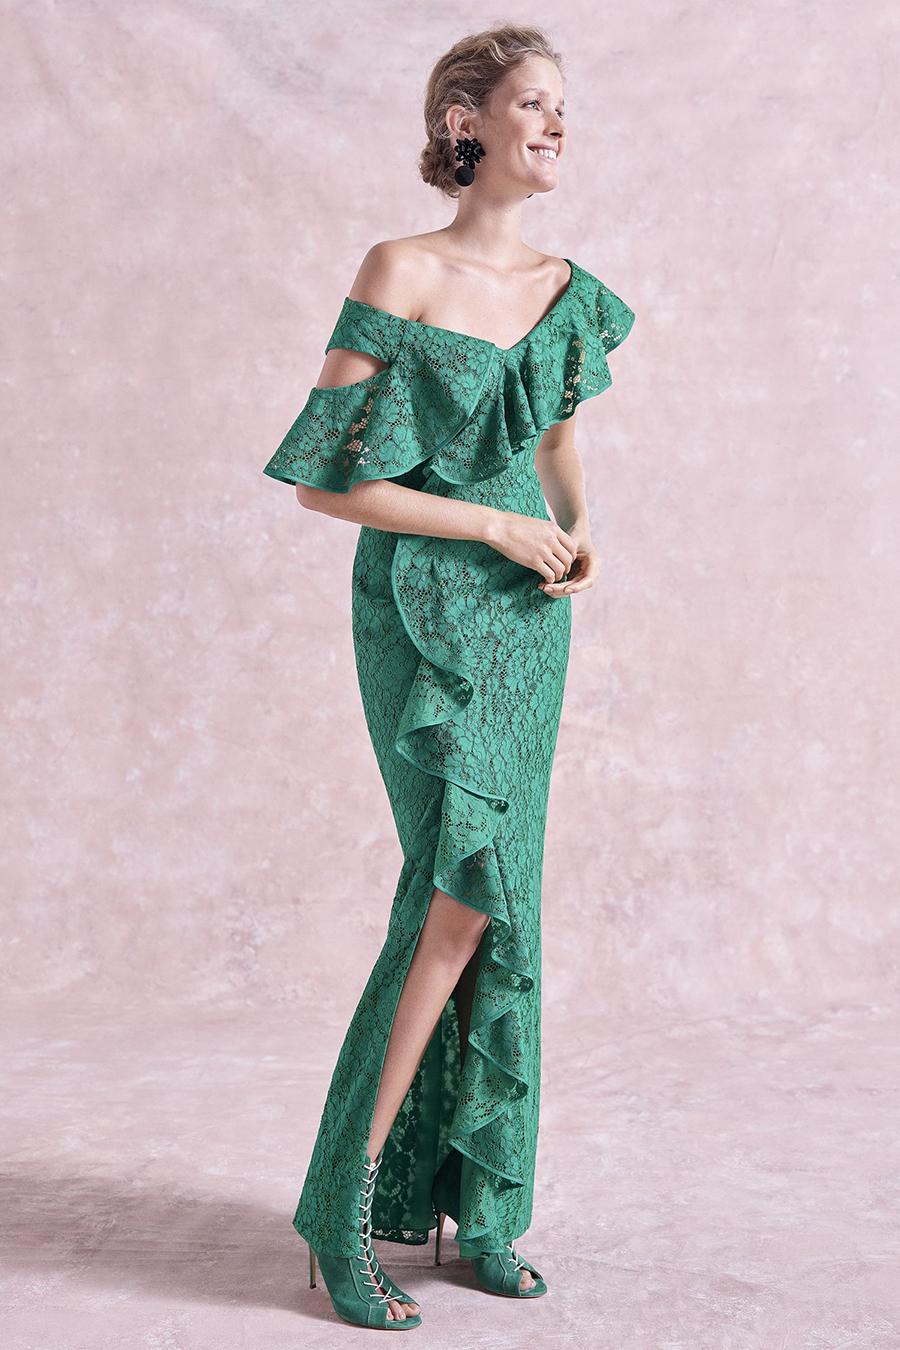 6b2a4f633 Vestidos invitada a una boda de tarde: los vestidos largos más ...